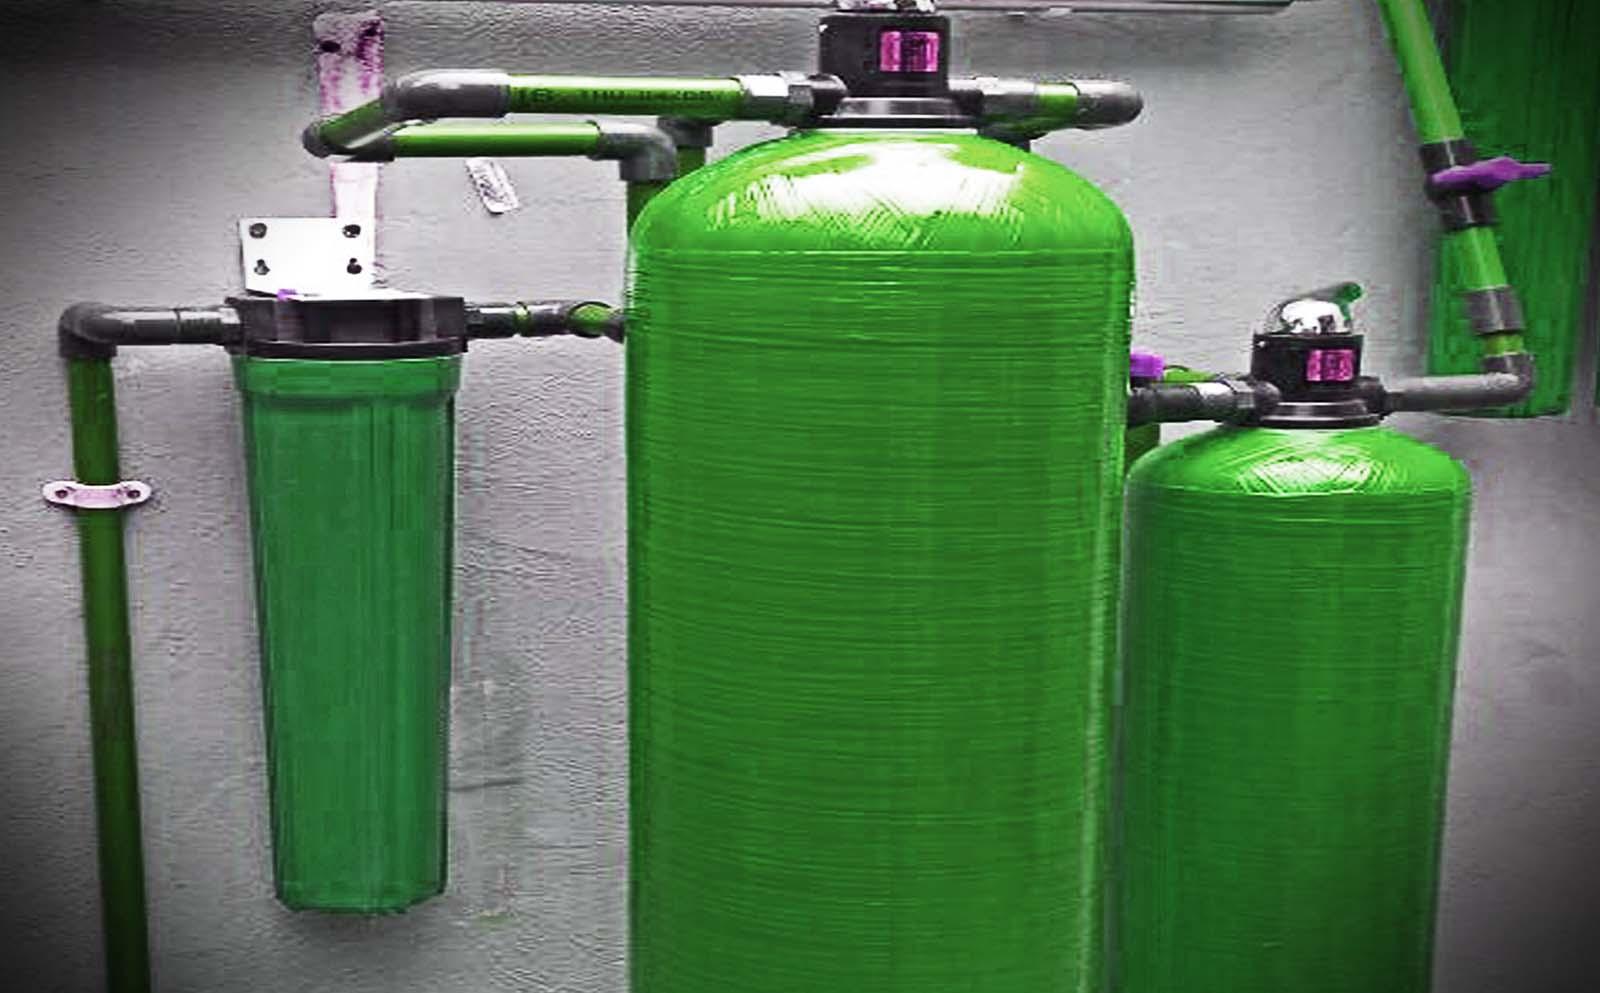 Εξοπλισμός για φιλτράρισμα νερού